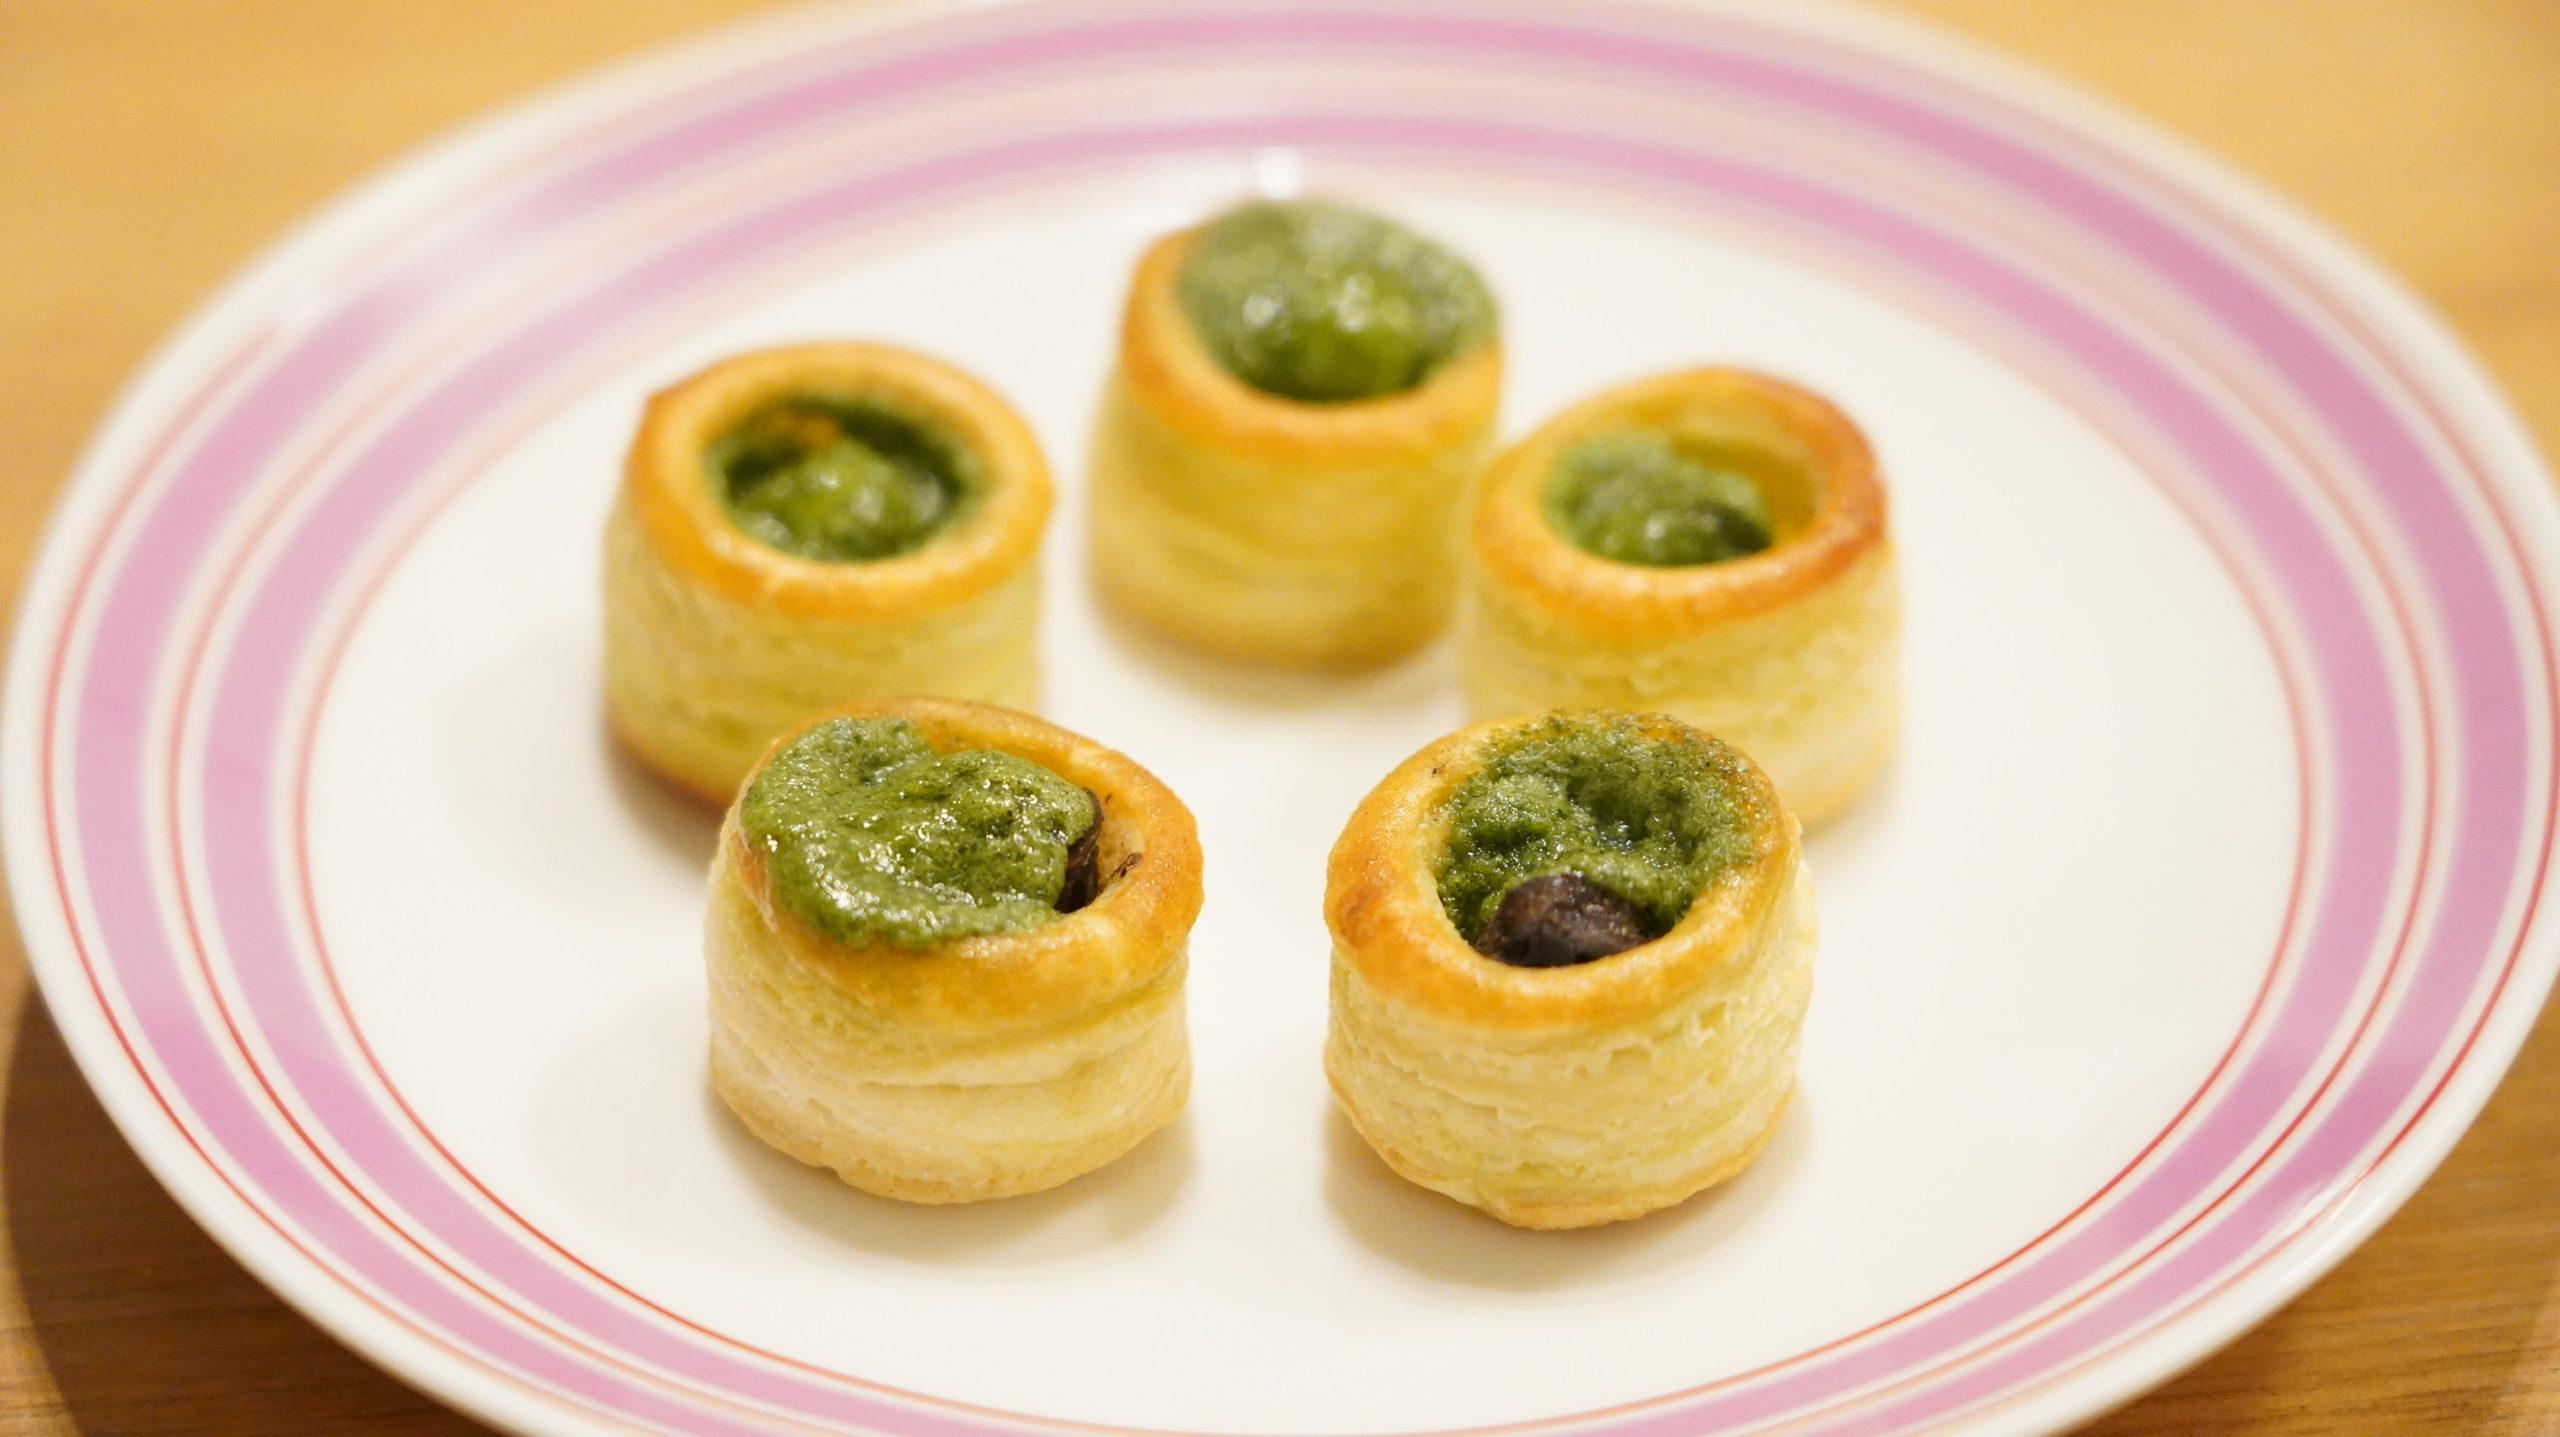 ピカールの冷凍食品「エスカルゴのミニパイ」のパイを5つ皿に盛り付けた写真